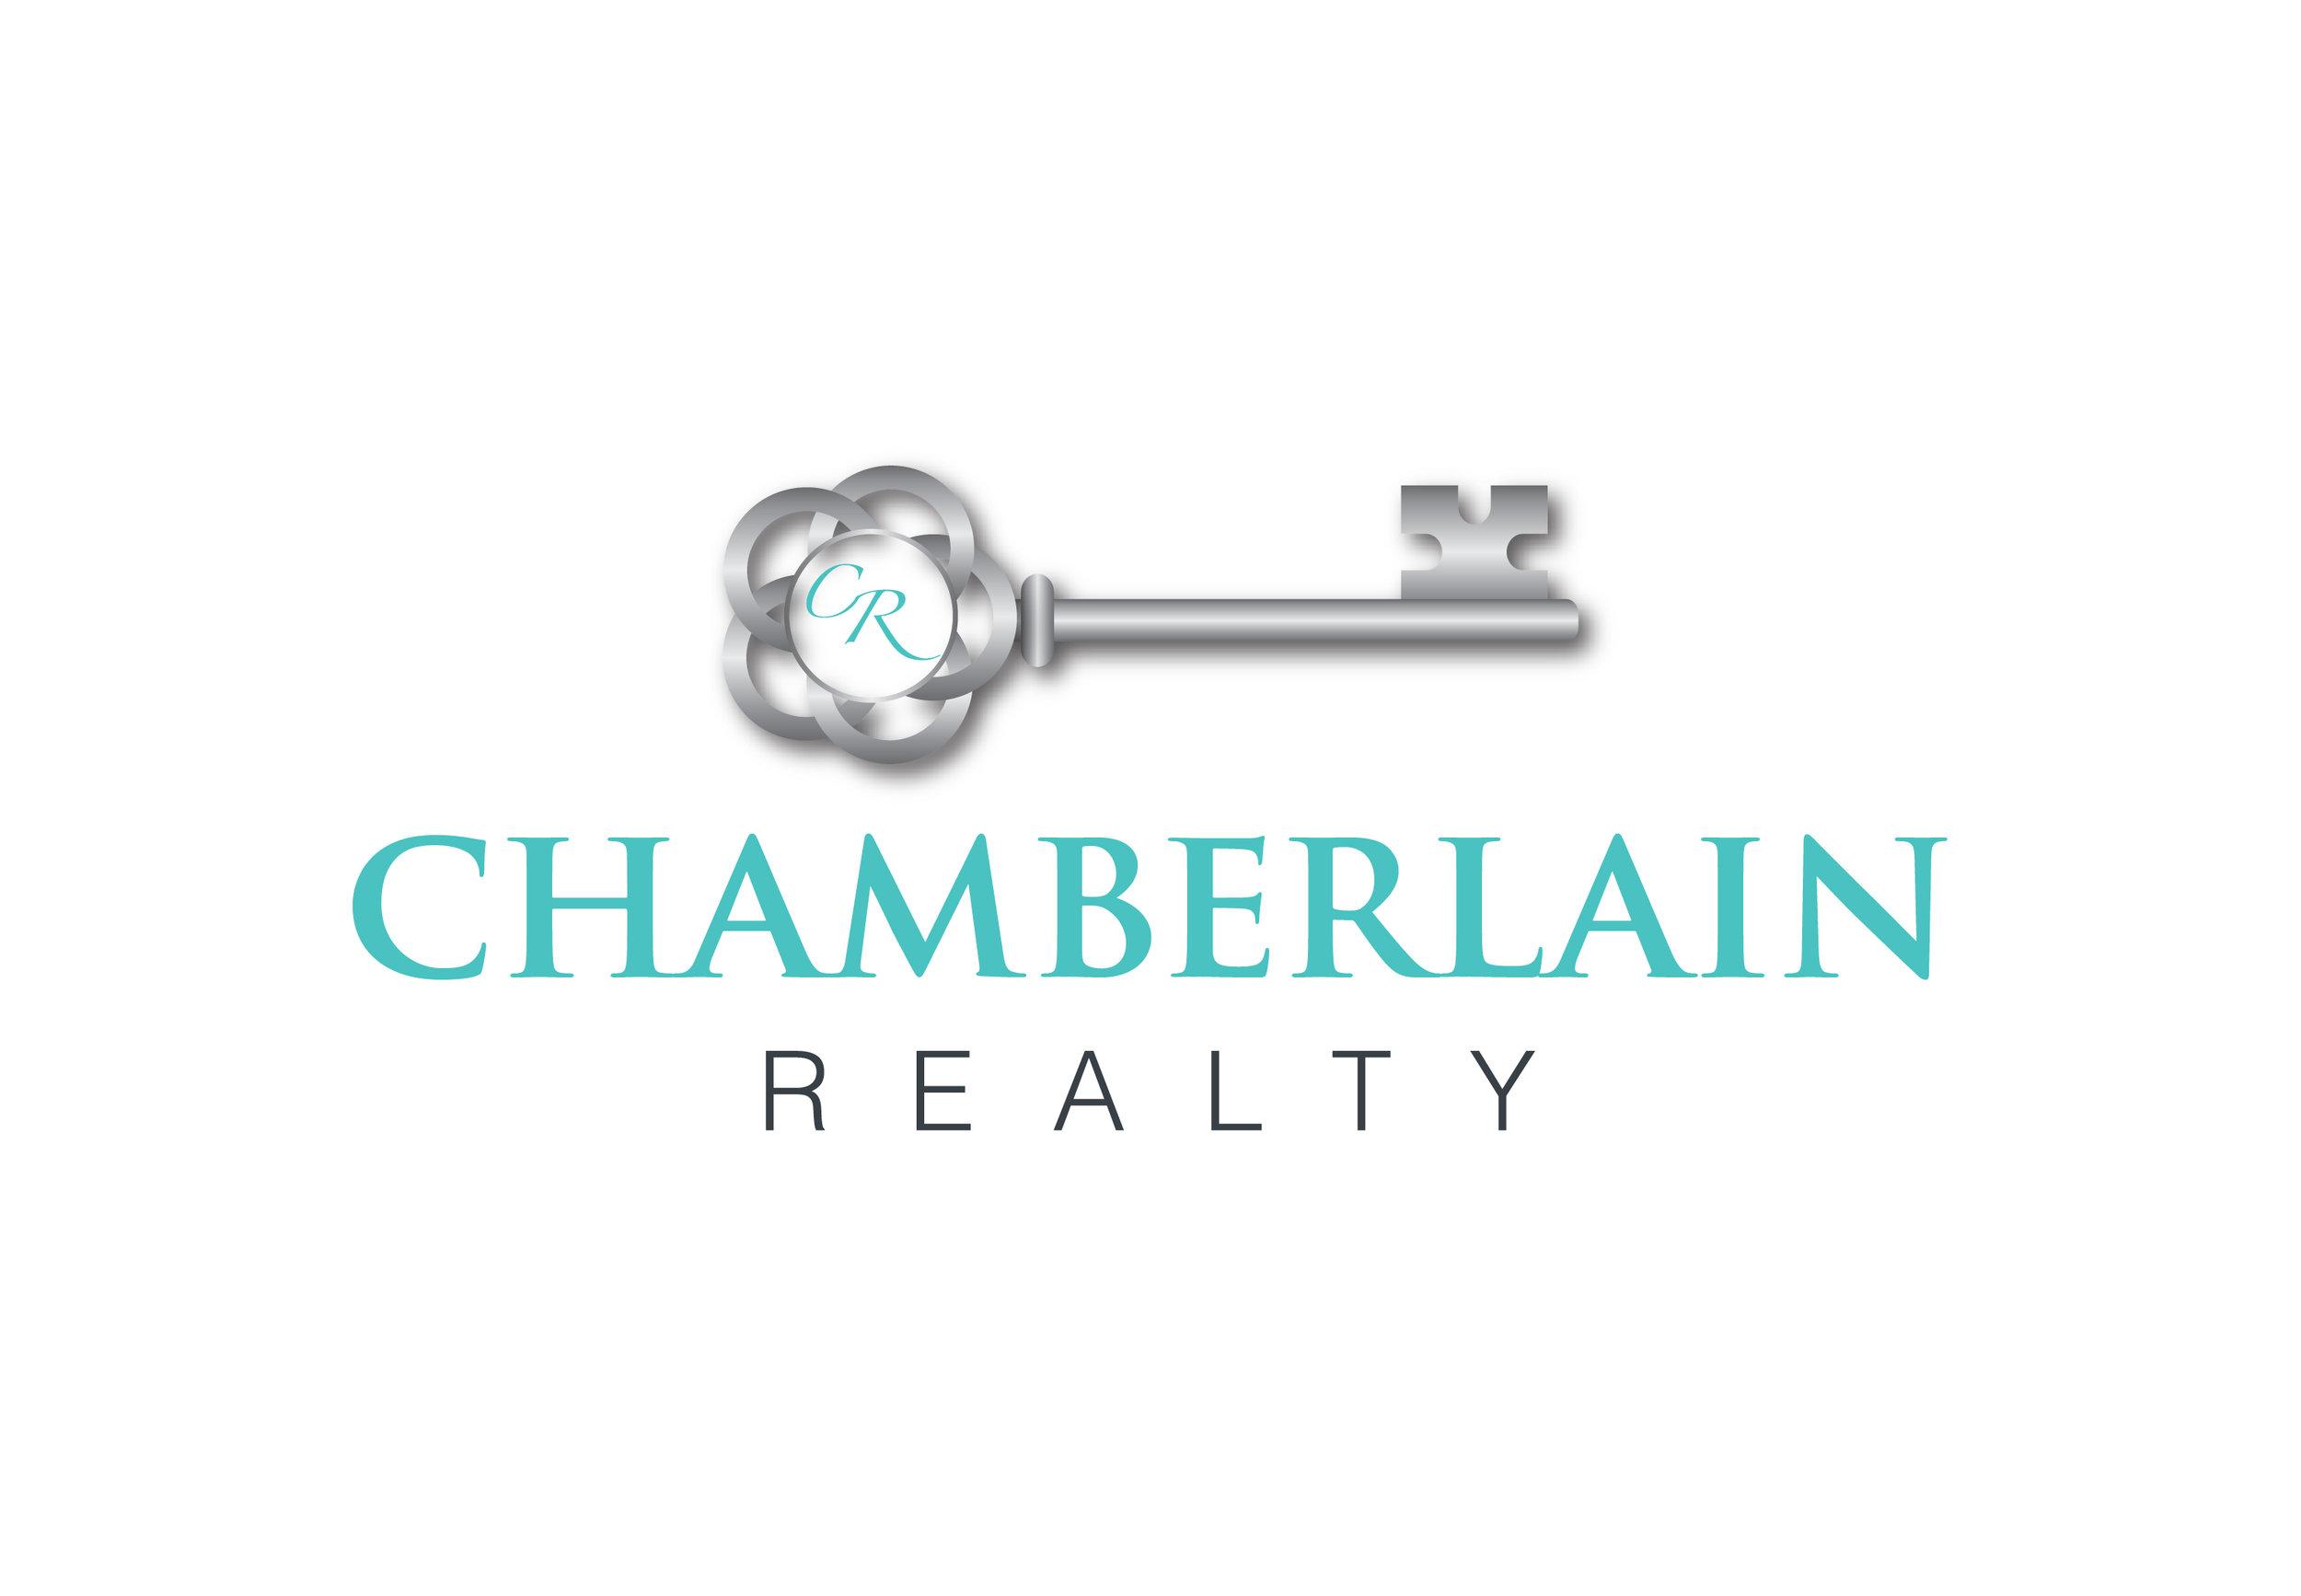 Chamberlain White.jpg